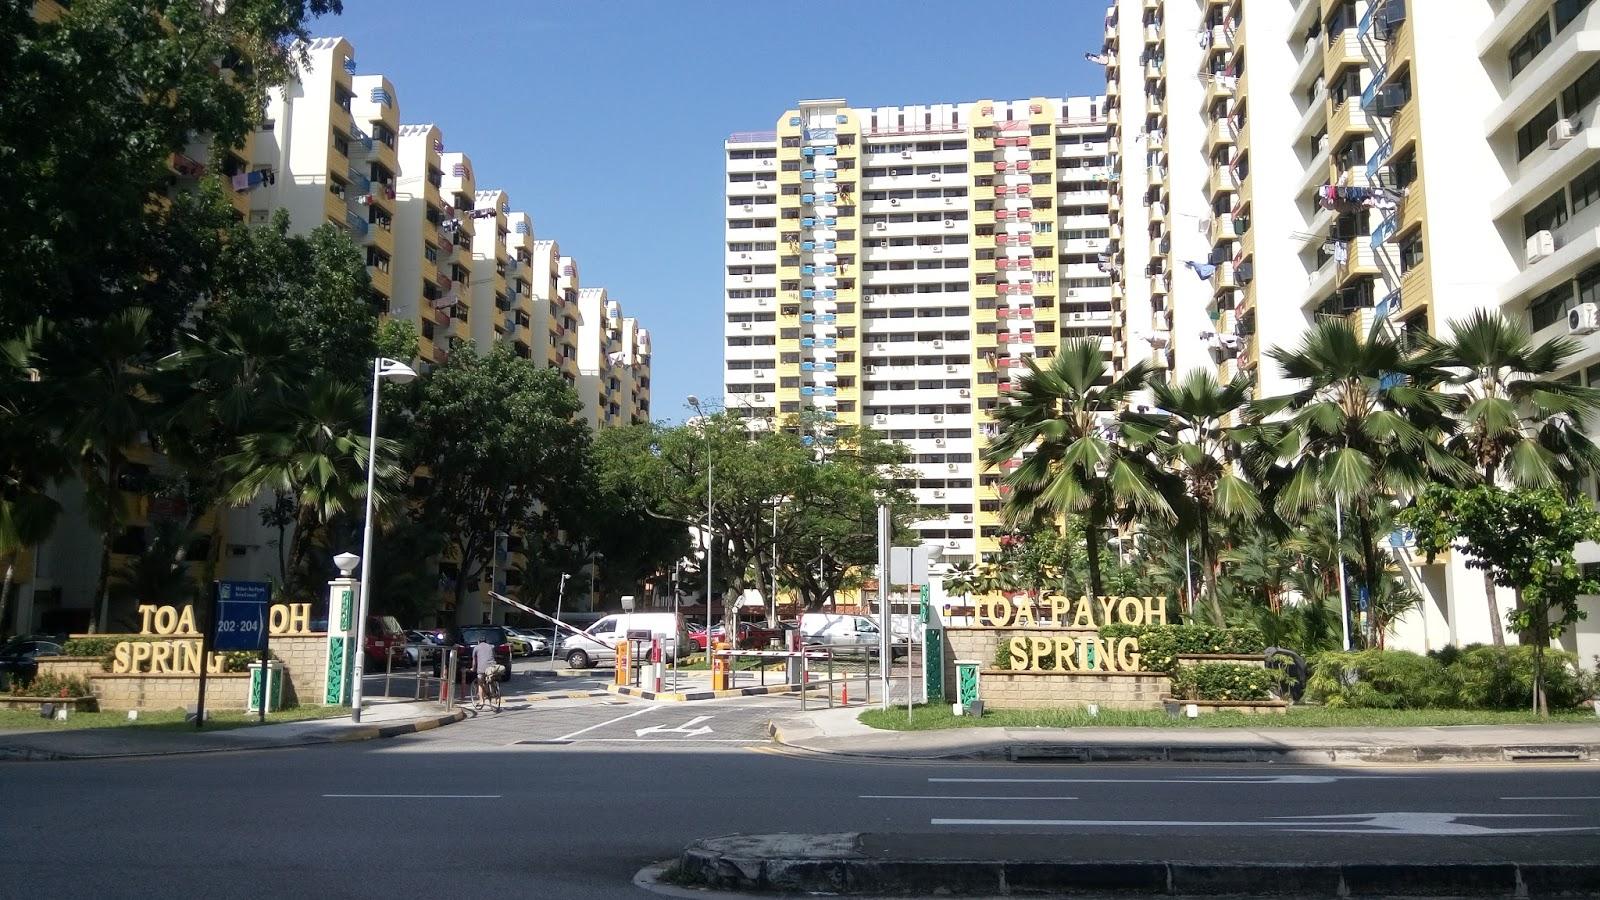 港共莫怪香港人嚮往新加坡的生活條件 - 林離盡誌 Jacky Lim Commentating